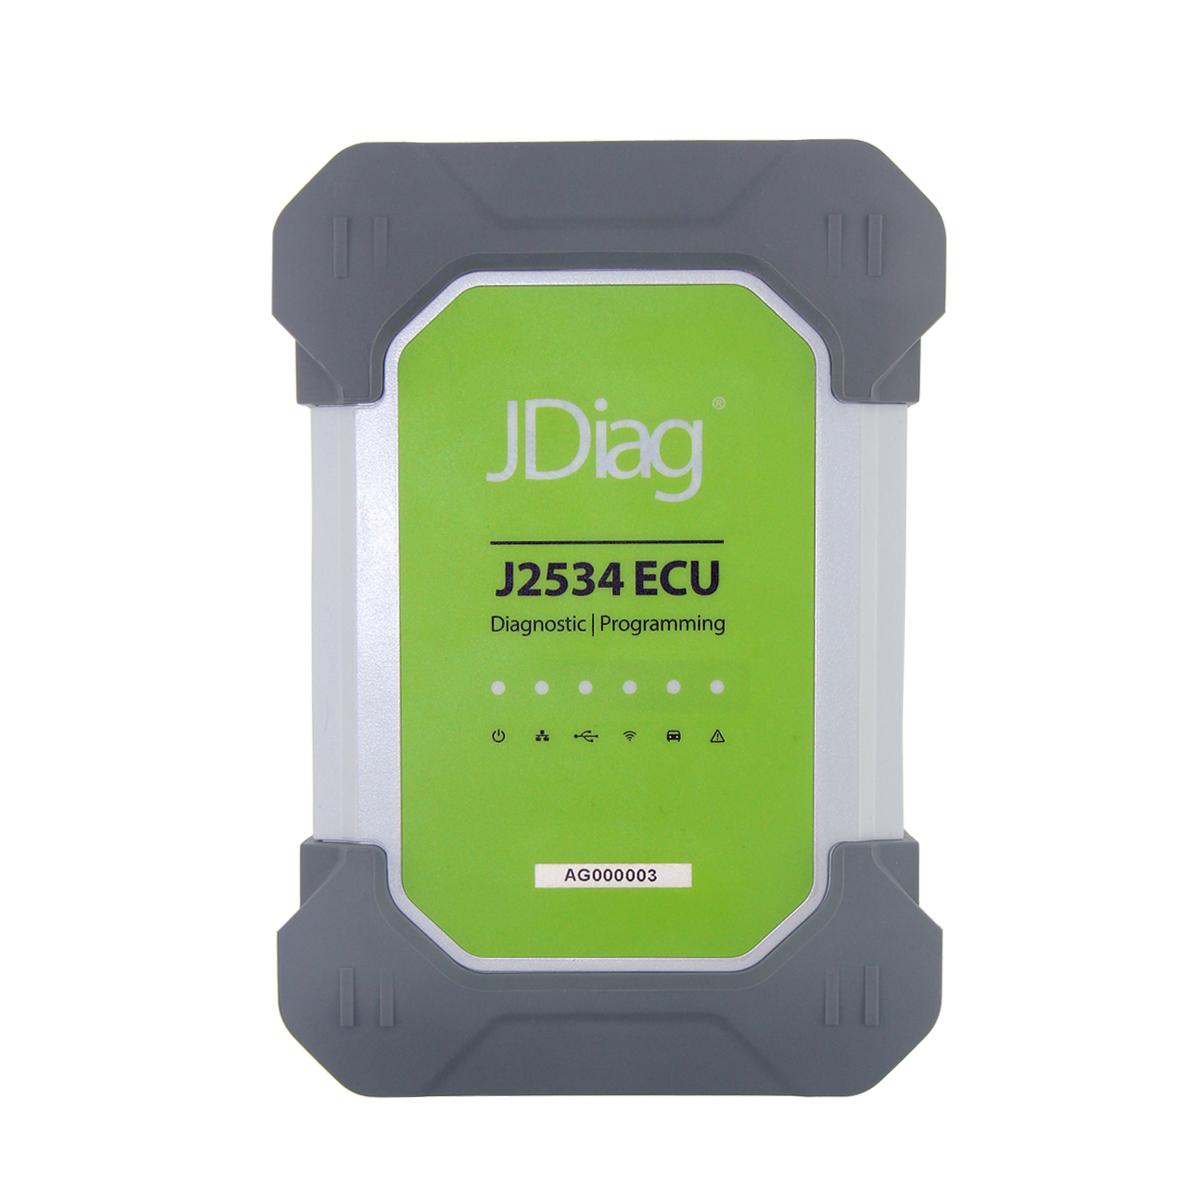 JDiag Elite II Pro Jdiag J2534 Universal Diagnostic Tool For Diagnostic & ECU Programming